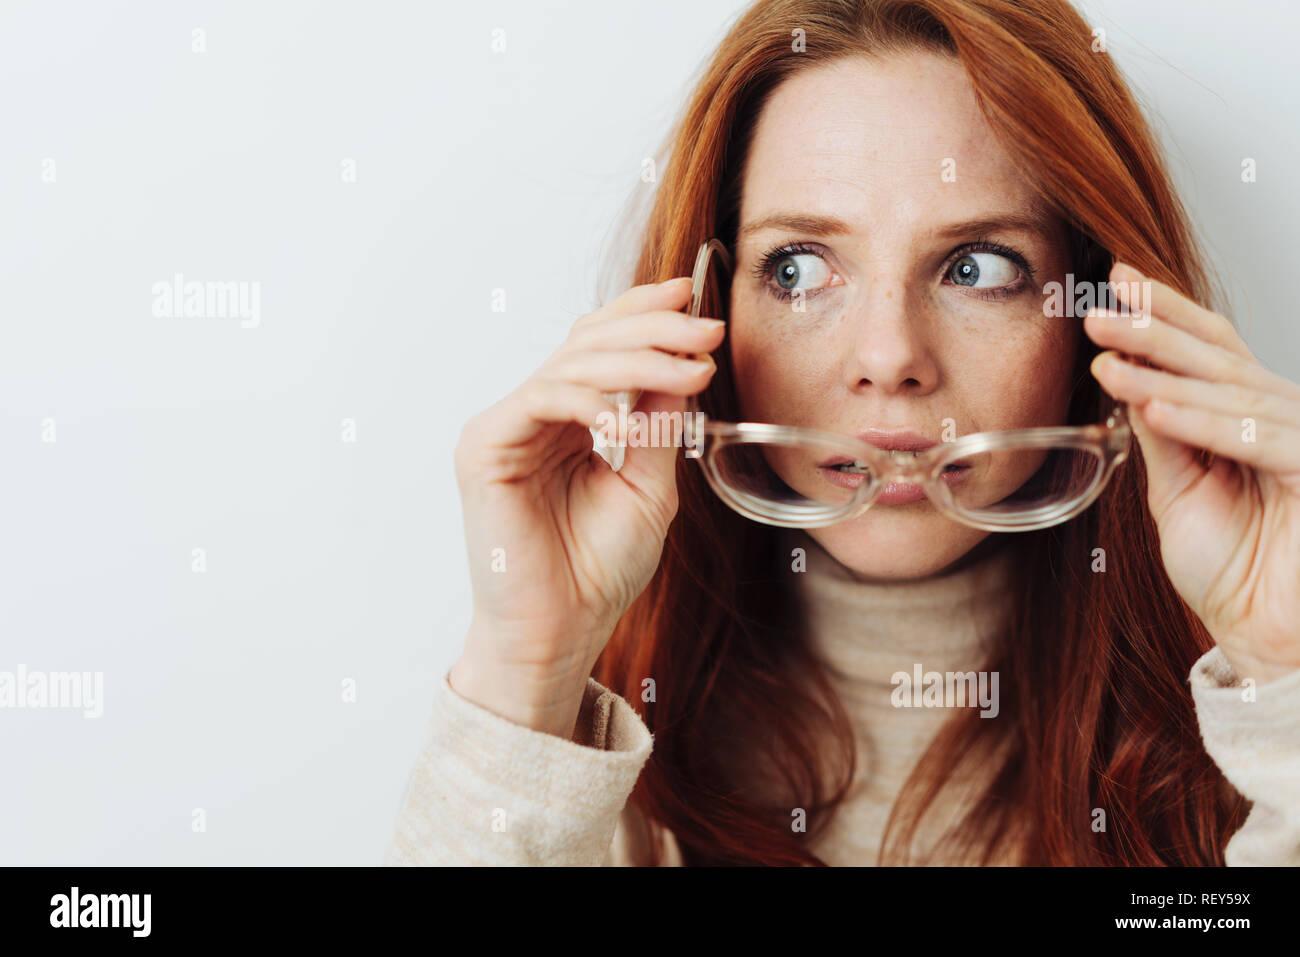 Mujer atractiva quitando sus gafas de vista de lado con ojos muy abiertos hacia la copia en blanco espacio en blanco Foto de stock